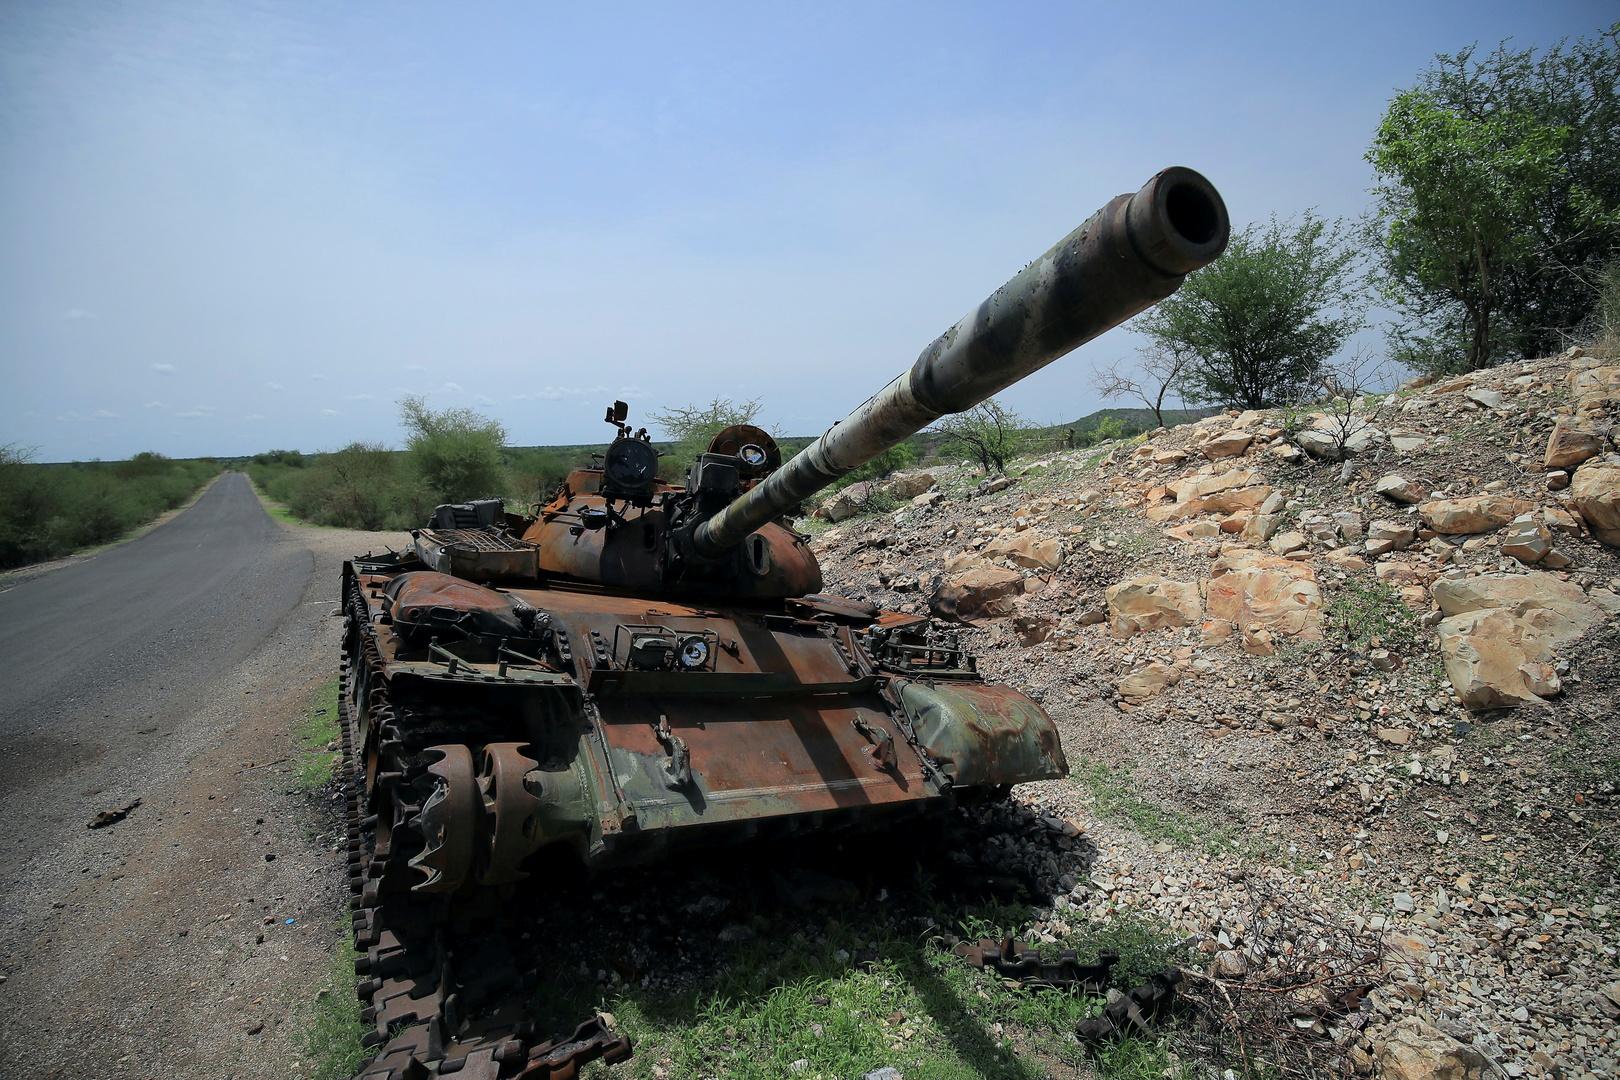 قوات إقليم تيغراي الإثيوبي تتقدم جنوبا وميليشيات أمهرة تحتشد